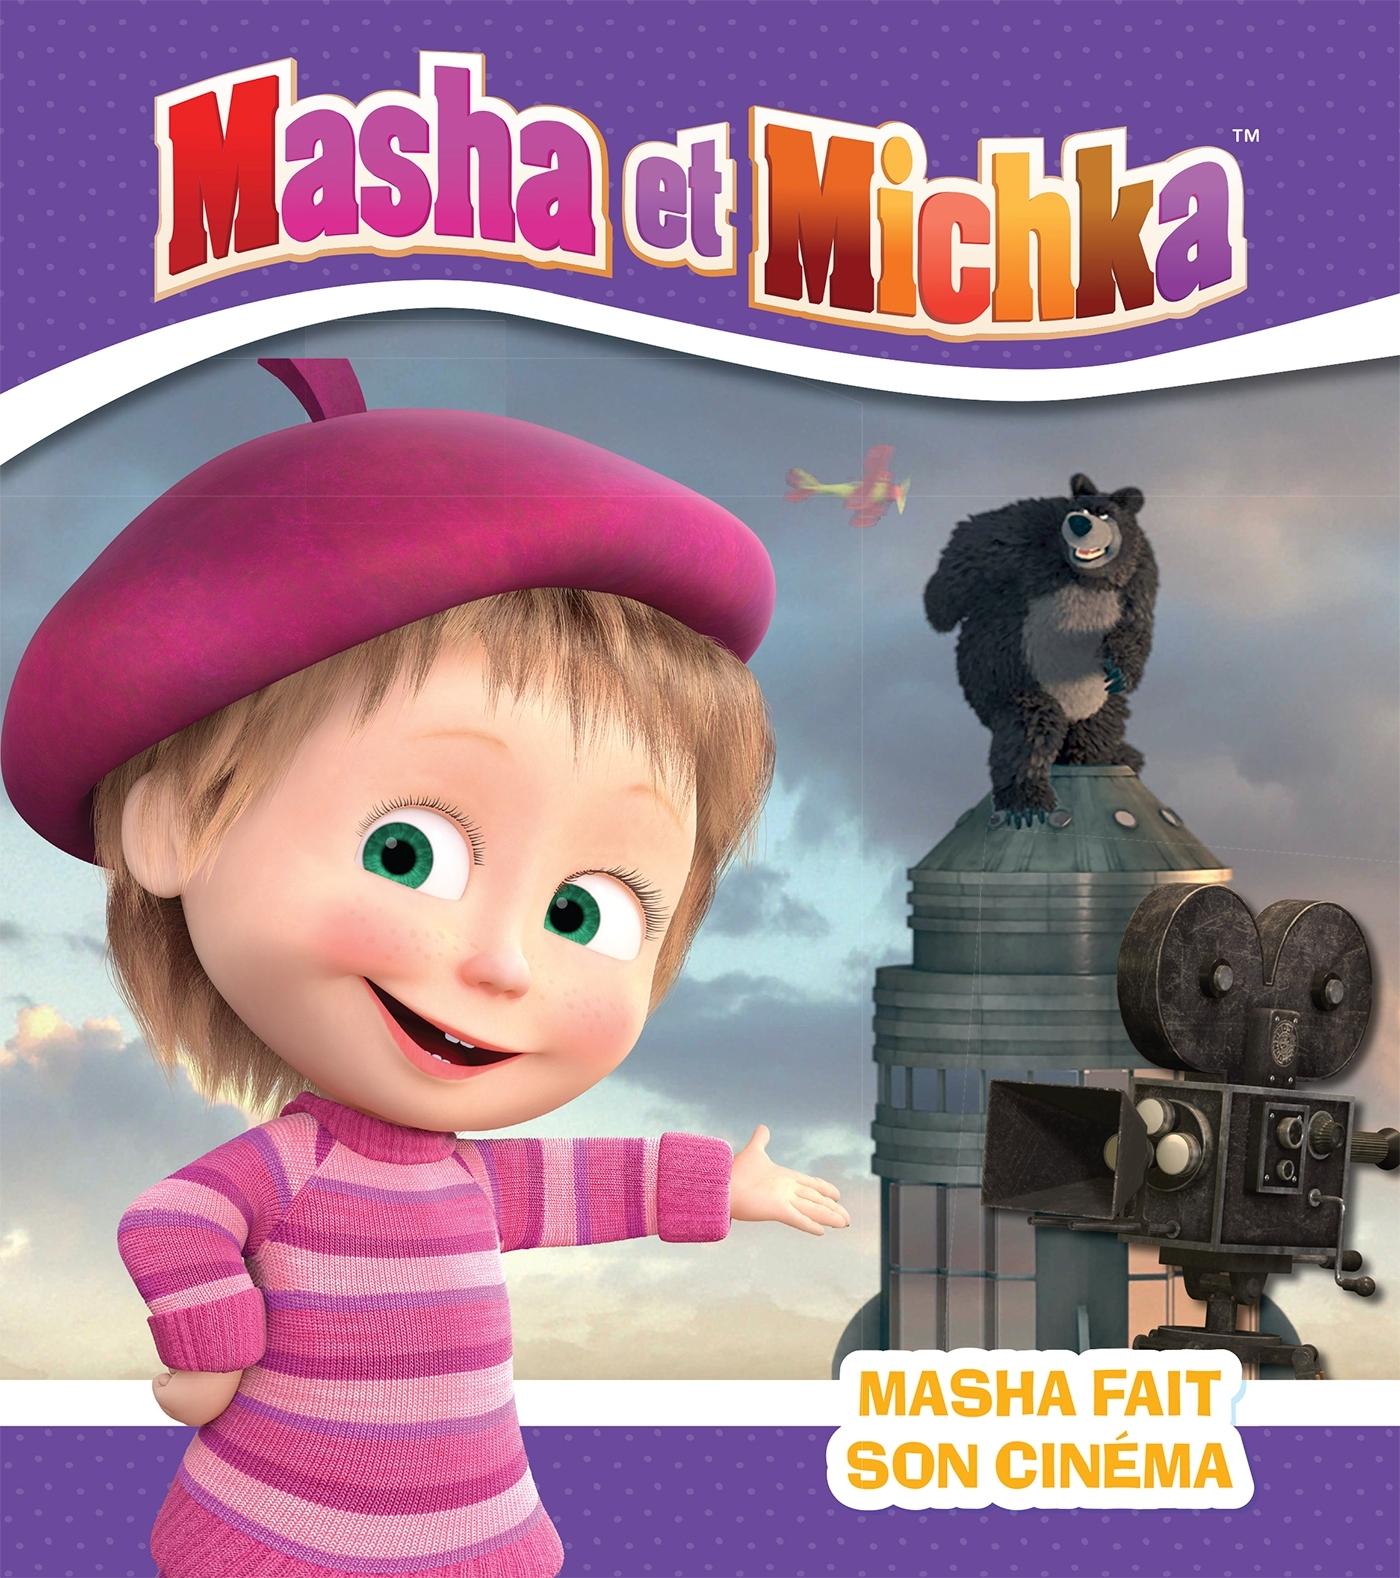 MASHA ET MICHKA - MASHA FAIT SON CINEMA